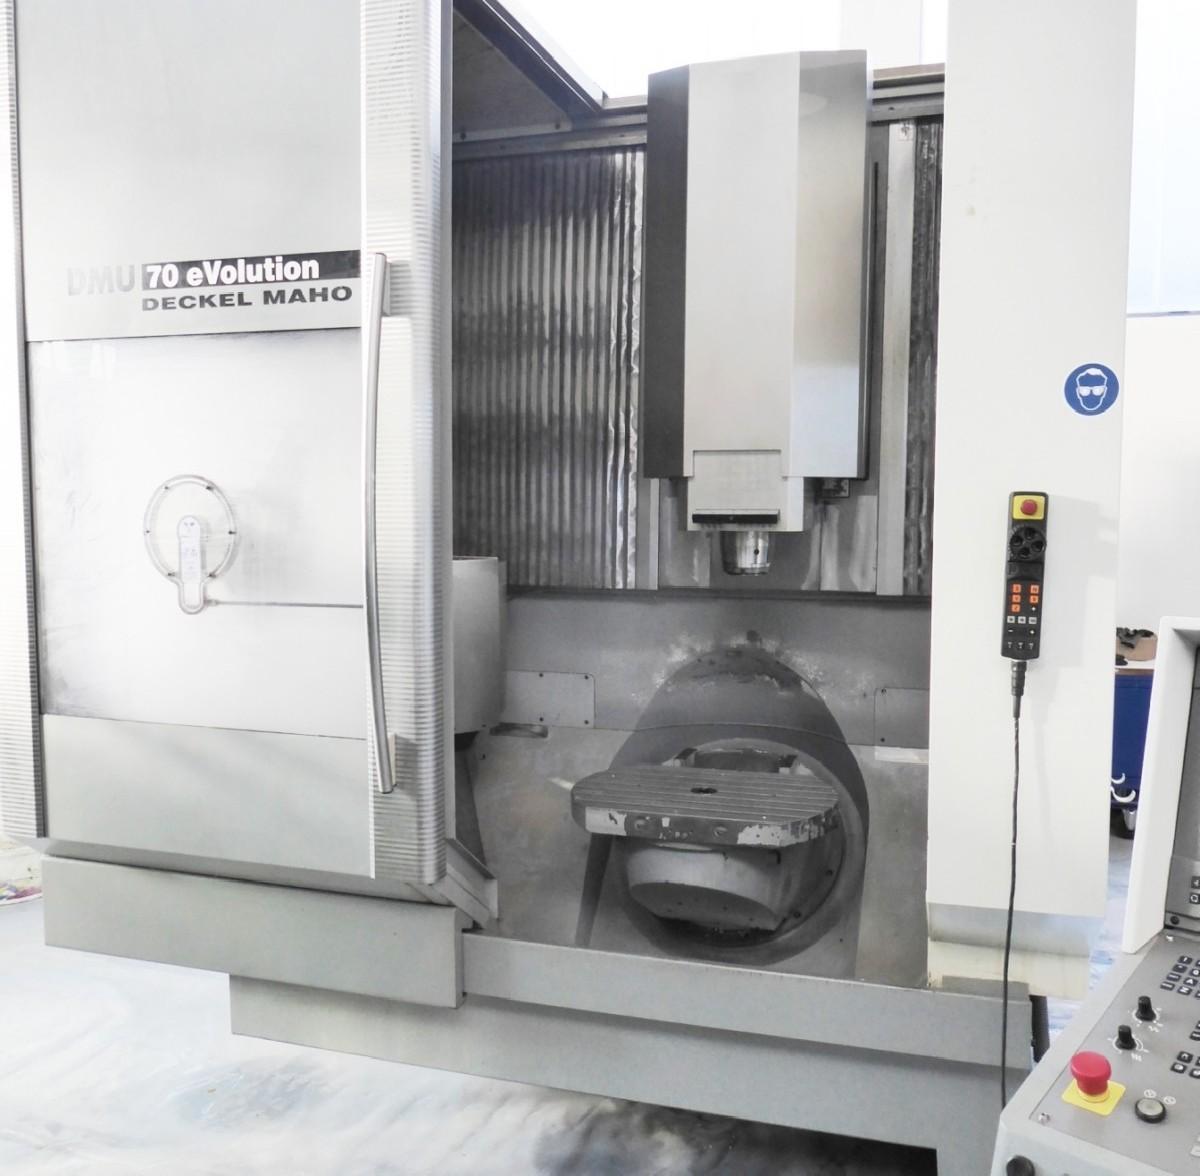 Обрабатывающий центр - универсальный DECKEL MAHO DMU 70 eVolution фото на Industry-Pilot